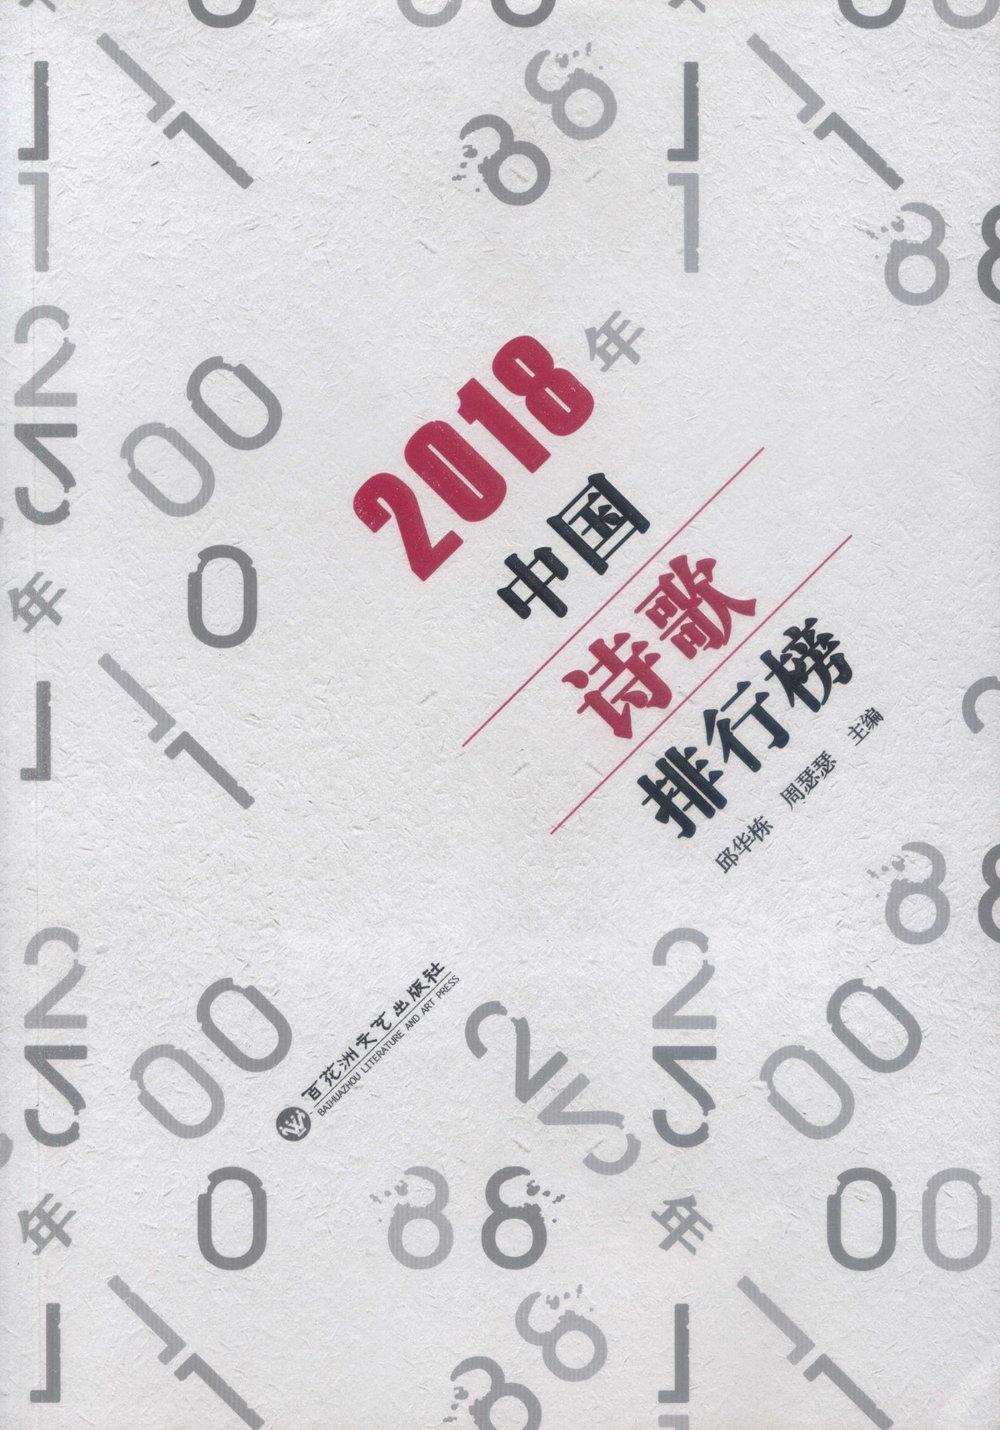 2018年中國詩歌排行榜